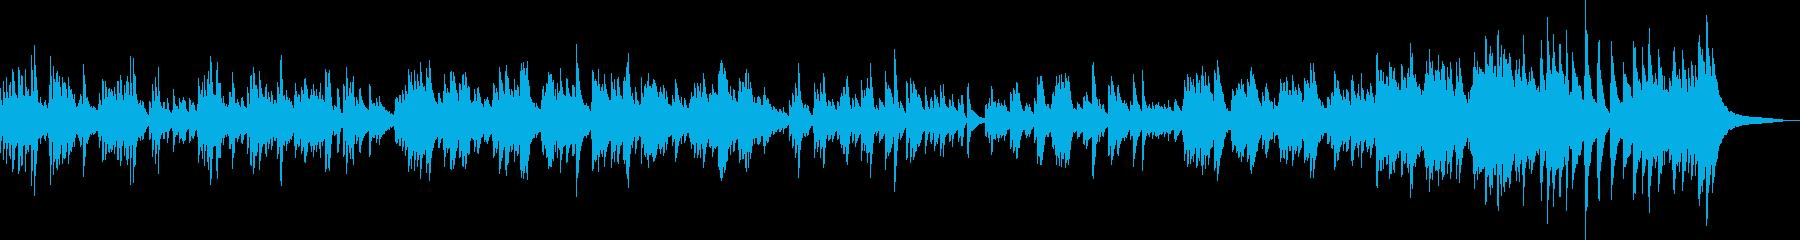 純粋な子供心(ピアノ・明るい・楽しい)の再生済みの波形